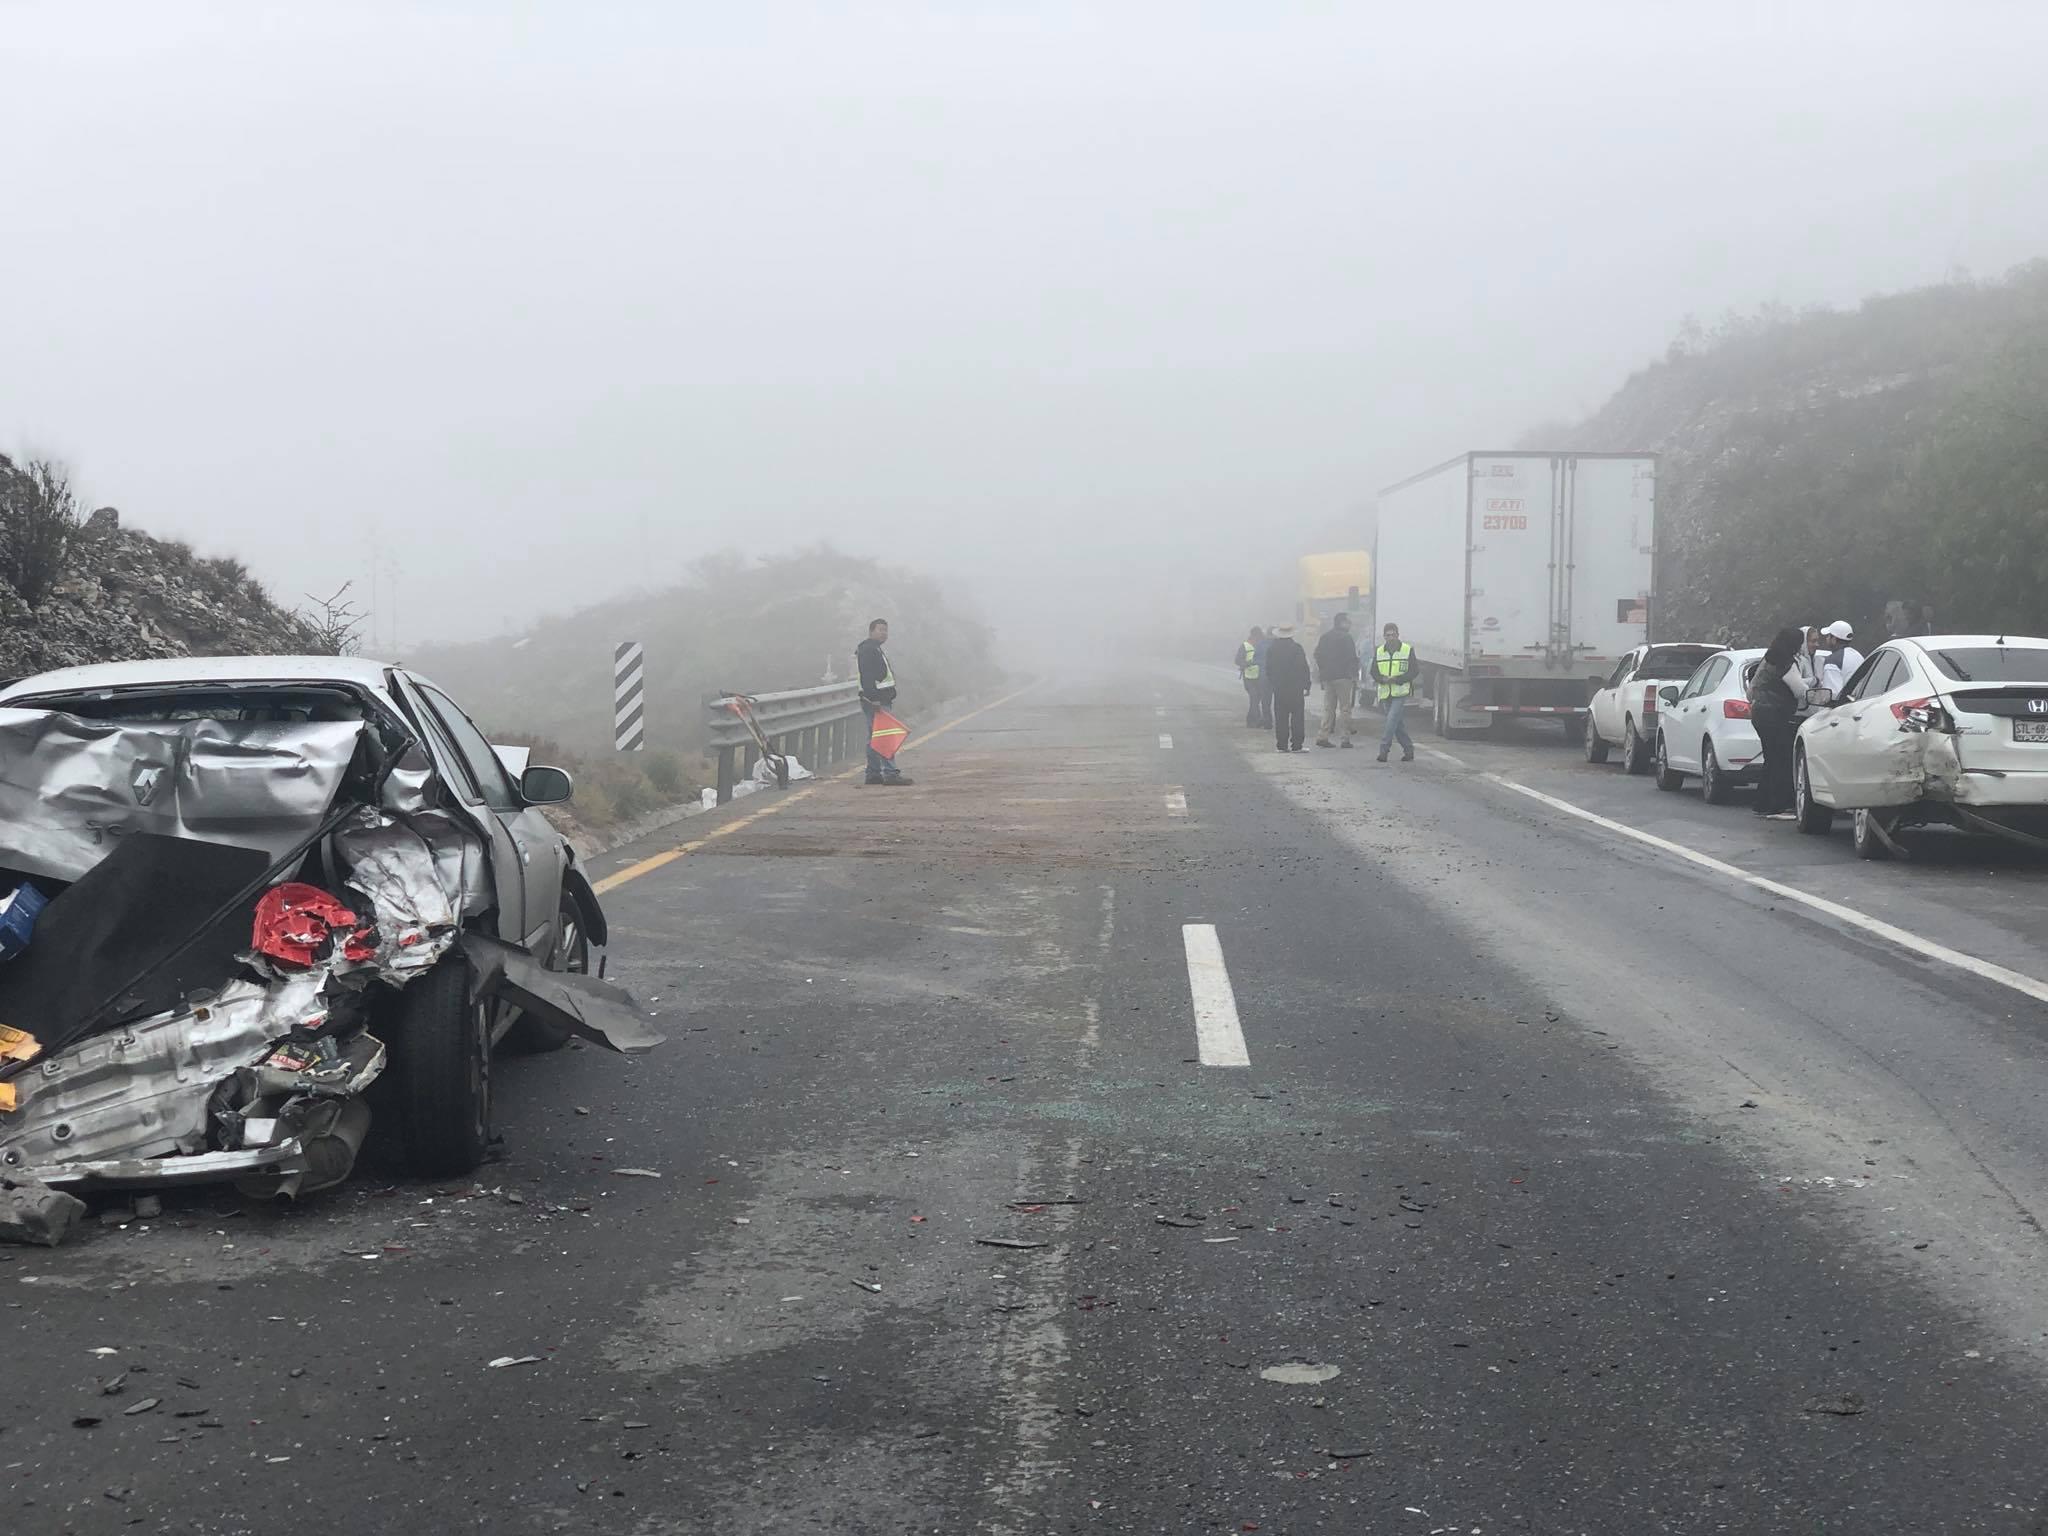 SE REANUDA CIRCULACIÓN EN CARRETERA SALTILLO-MONTERREY POR ACCIDENTE ...